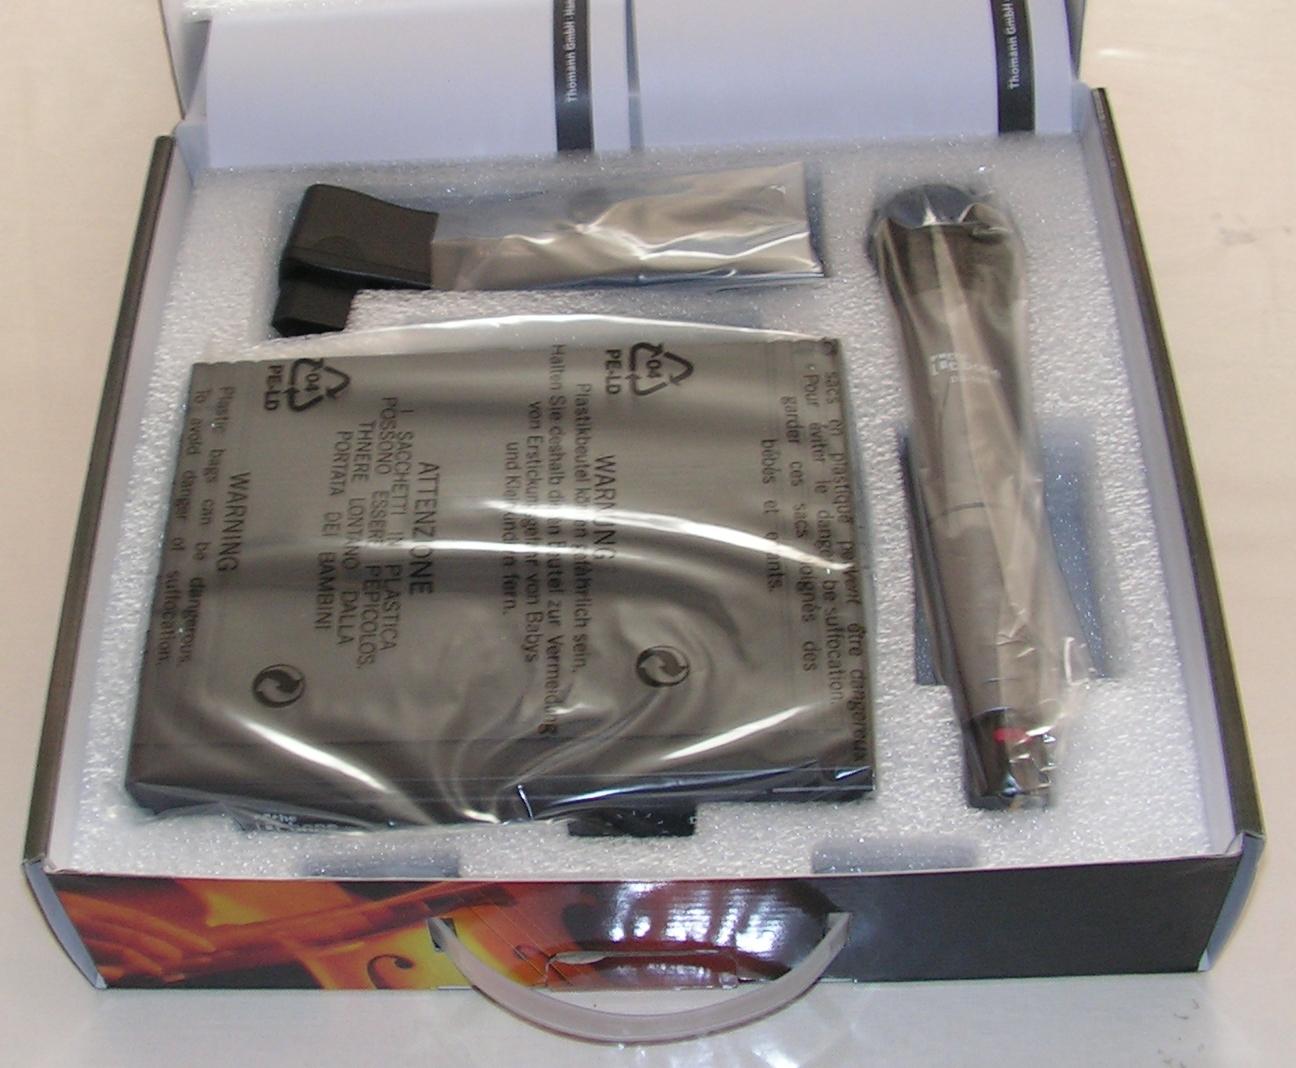 Microphone sans fil T-bone DS-16H : Utilisation sur émetteur-récepteur radioamateur Micro-sans-fil-04